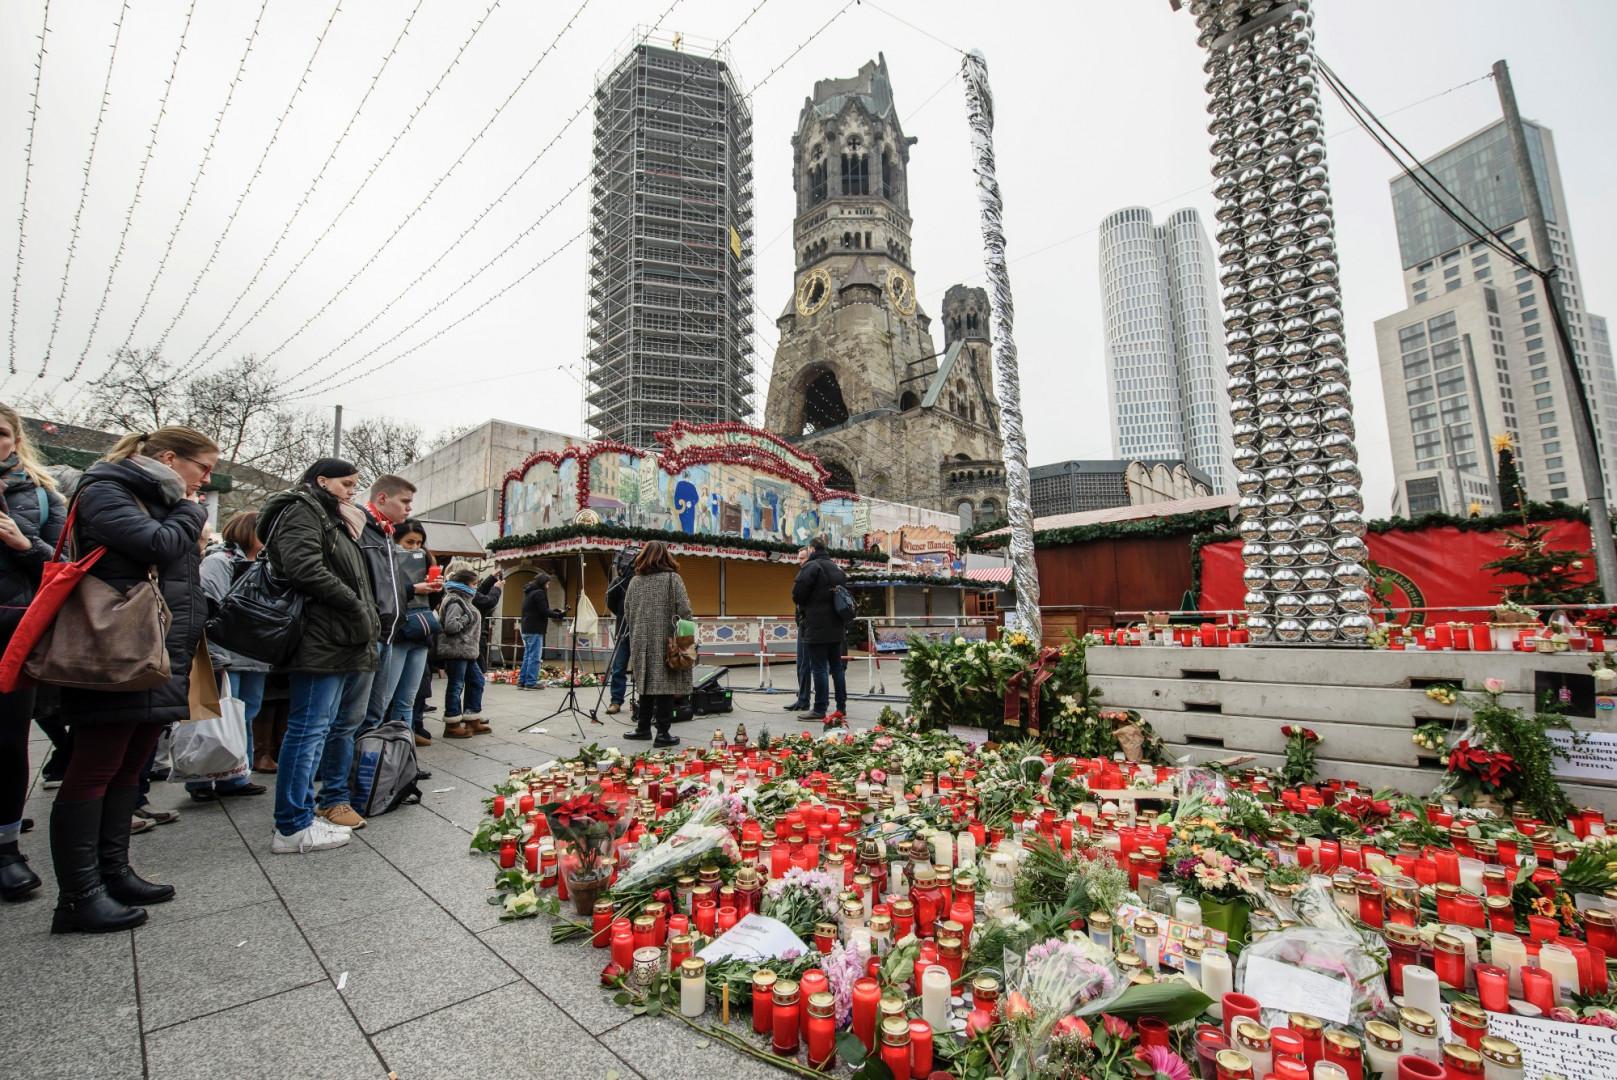 Des personnes rendent hommage aux victimes de l'attentat de Berlin, le 21 décembre 2016.